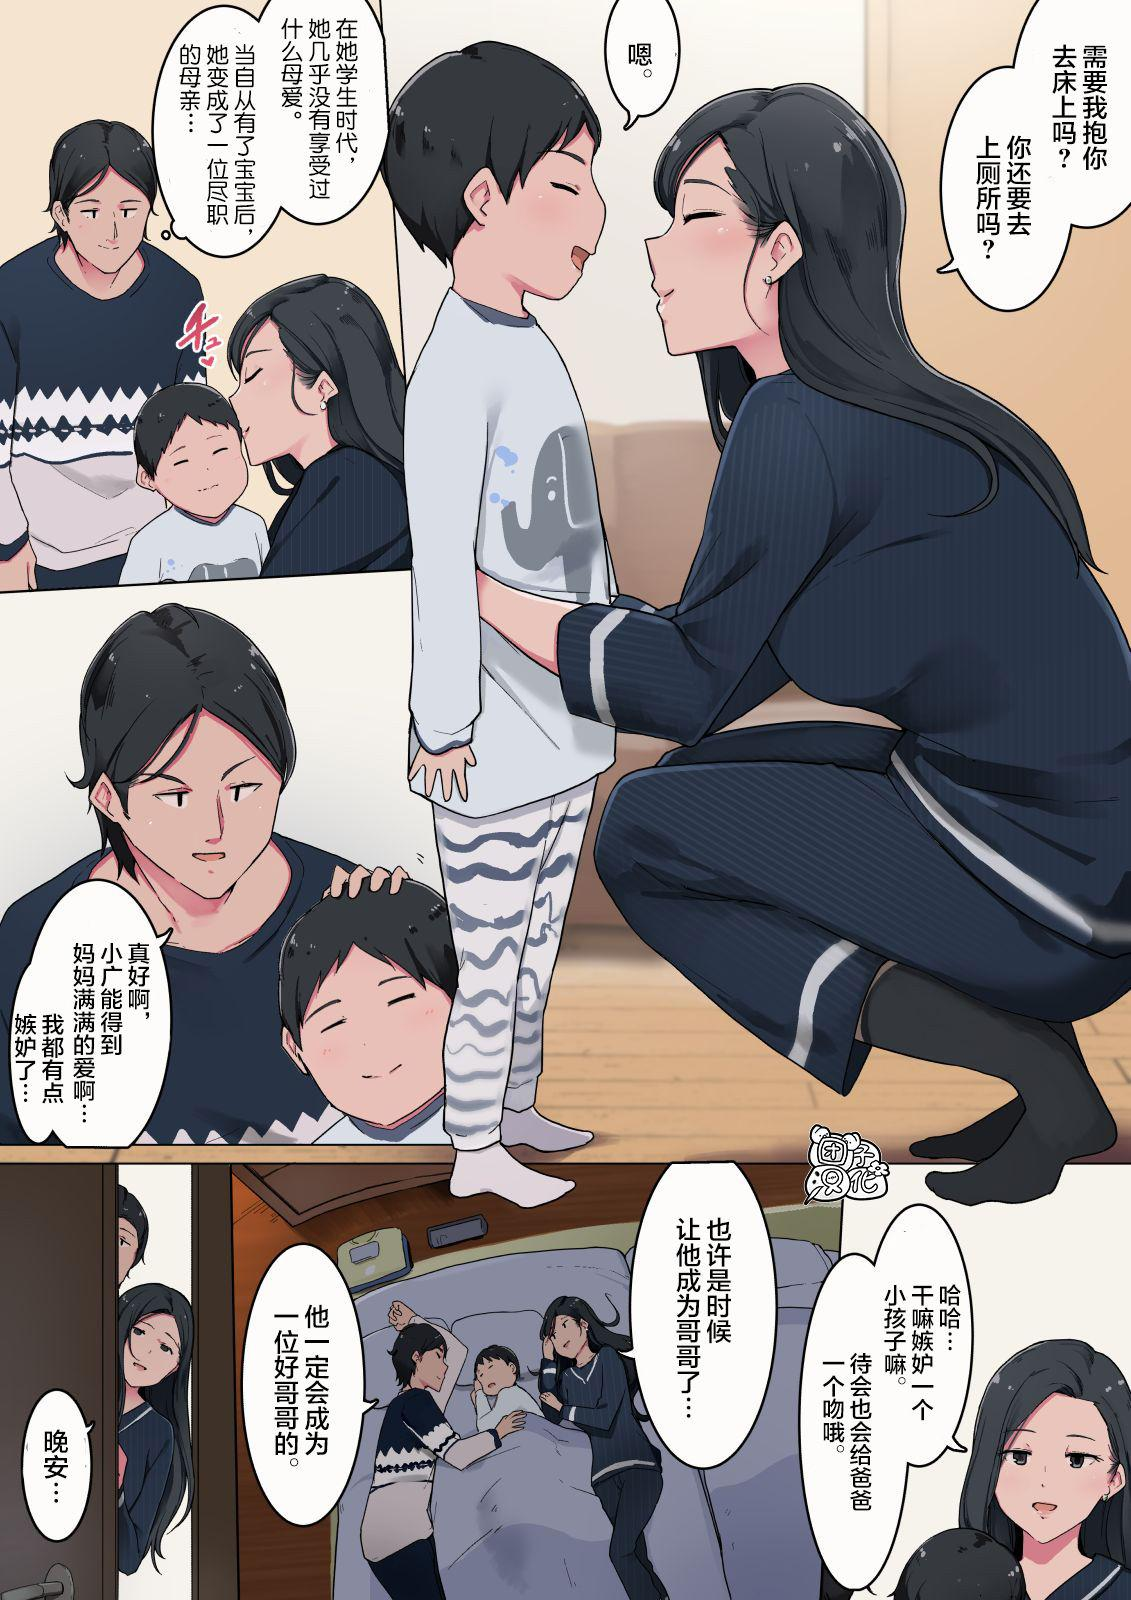 Haha no Kao to Onna no Kao o Tsukaiwakeru Mama no Ohanashi | 分别展现作为母亲的一面和作为女人的一面 1